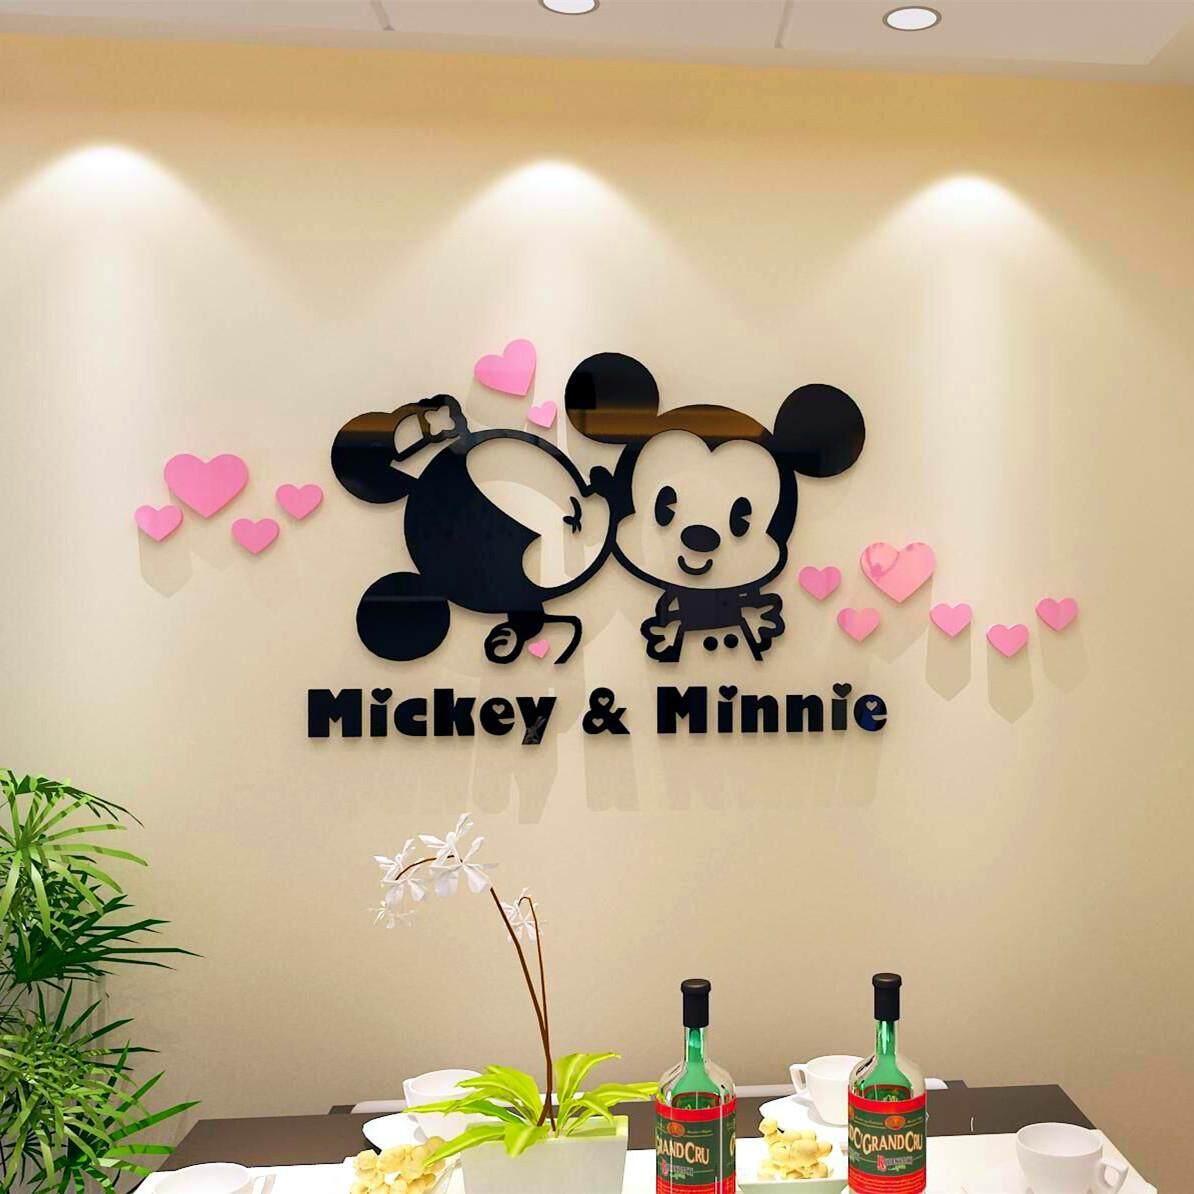 3D Pink Mickey & Minnie Wall Decoration(180 x 80cm)